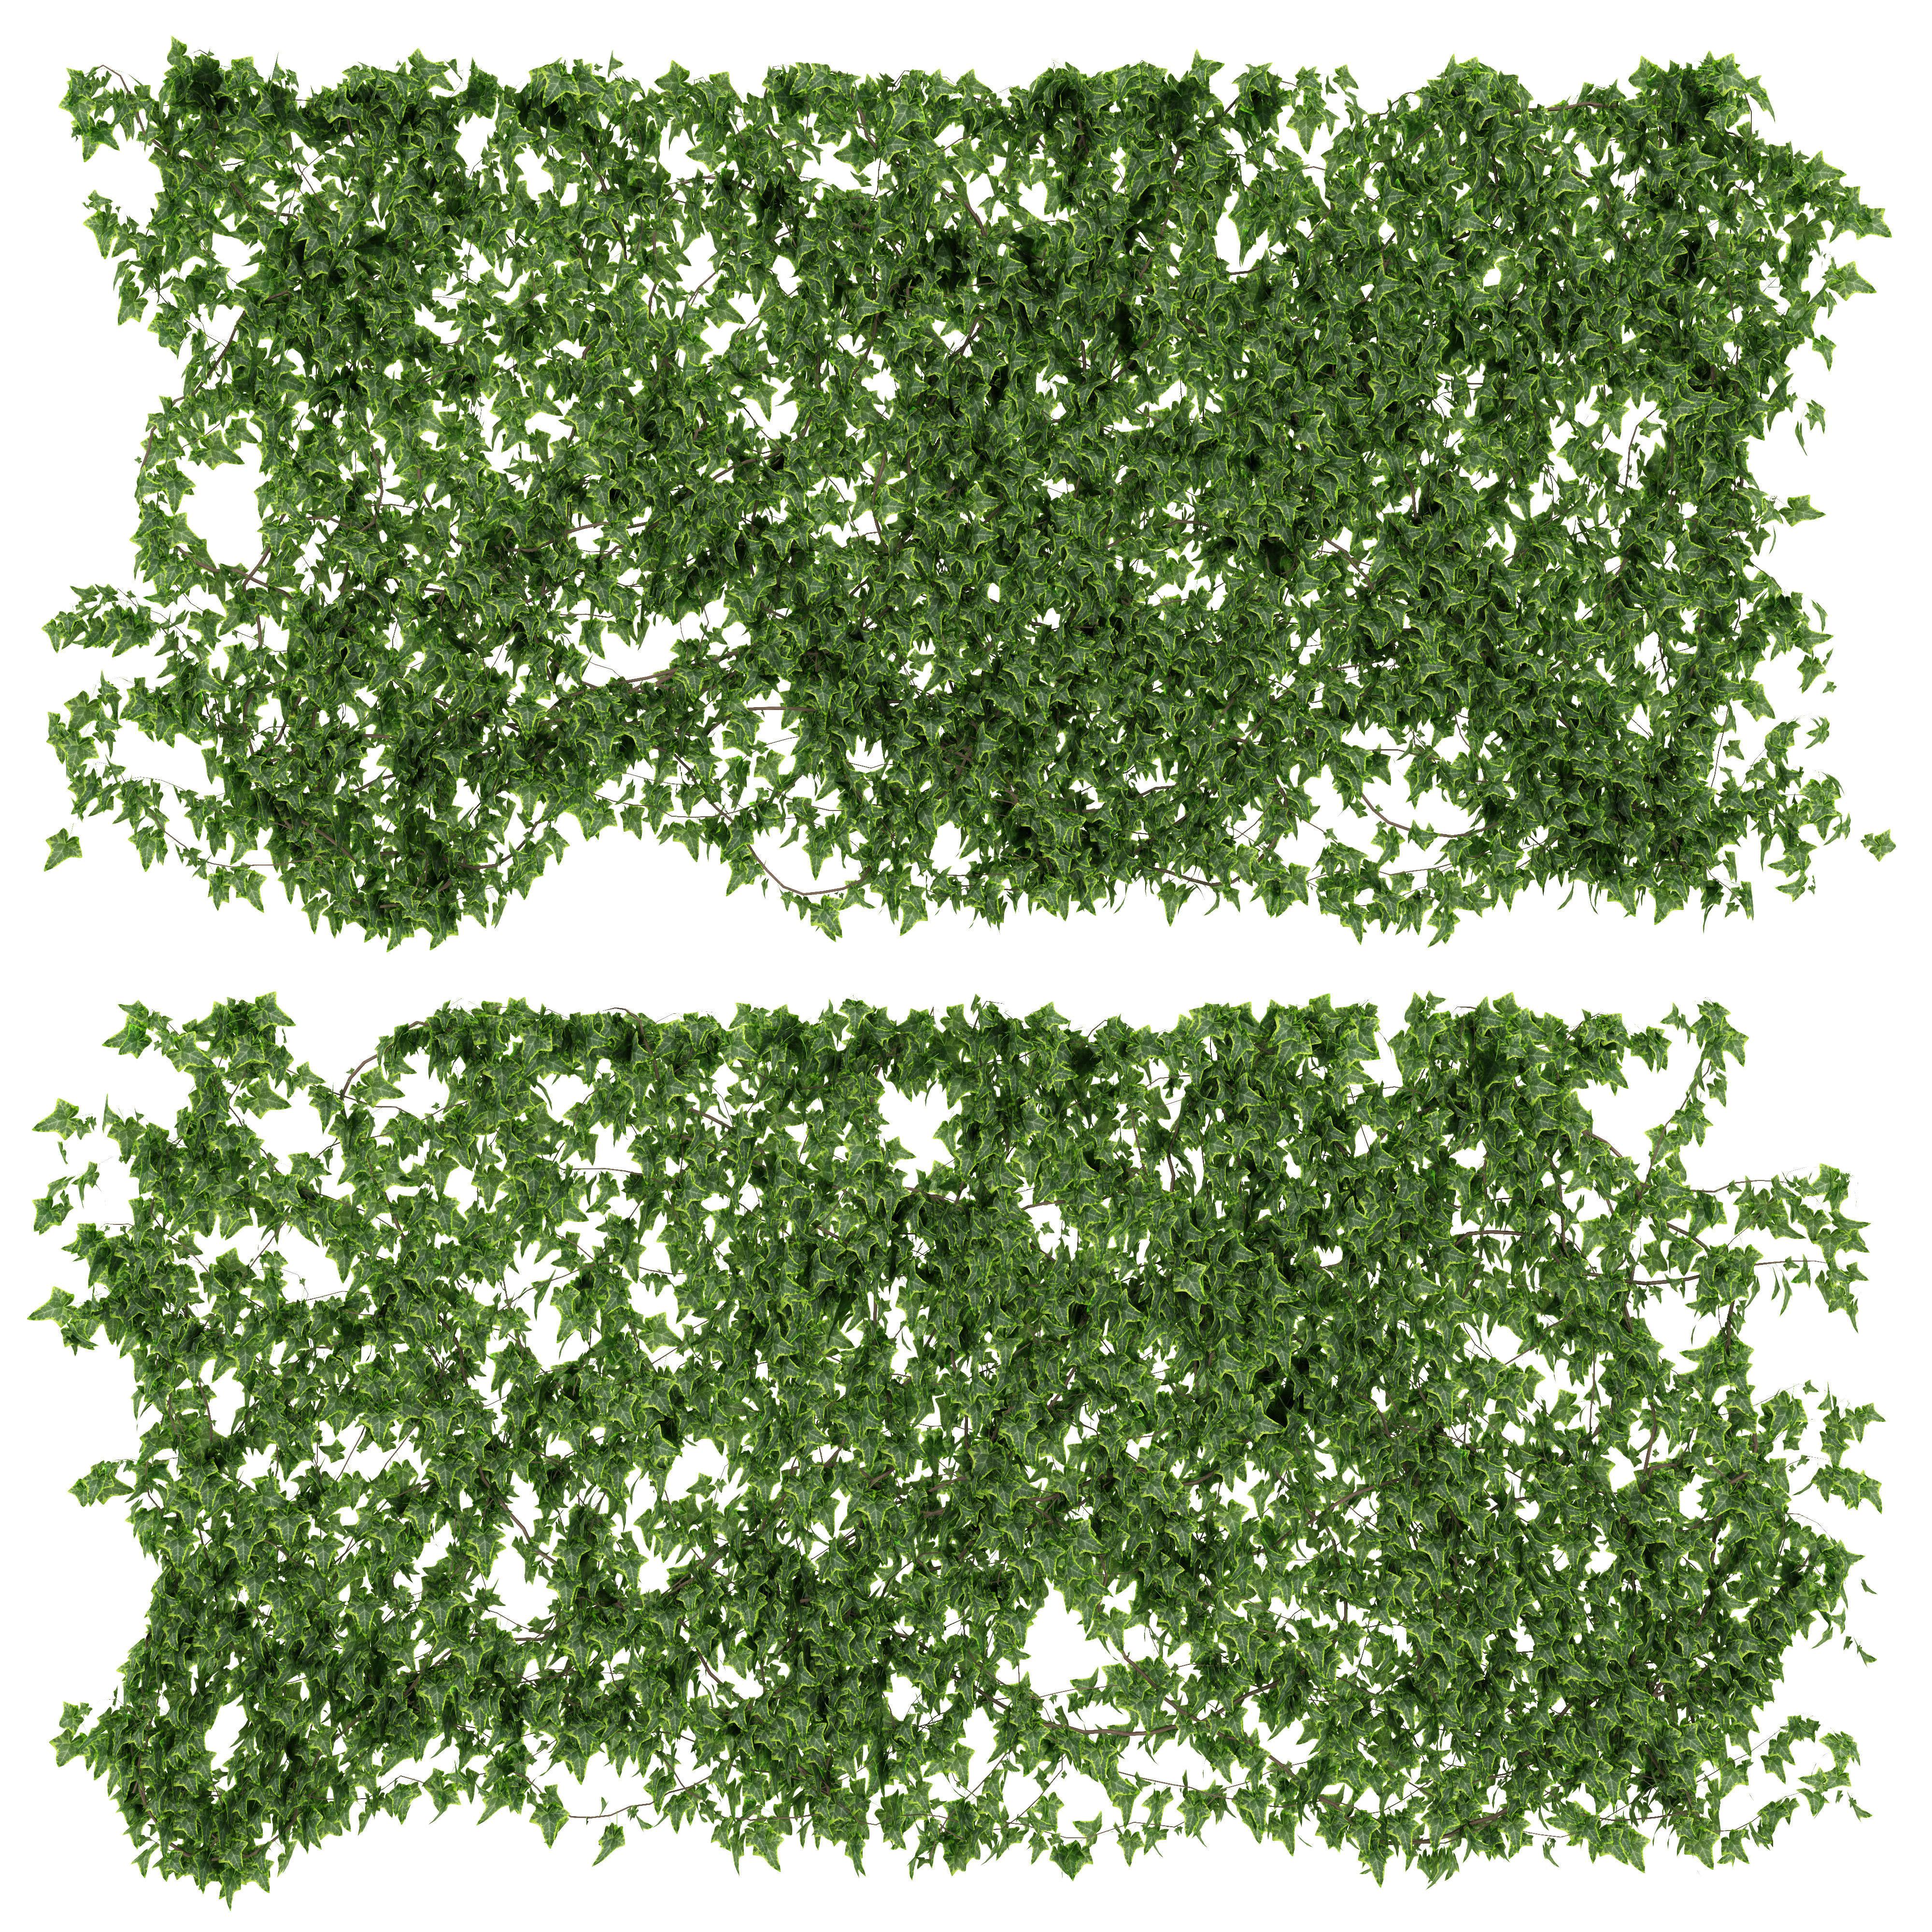 Ivy walls 2 models